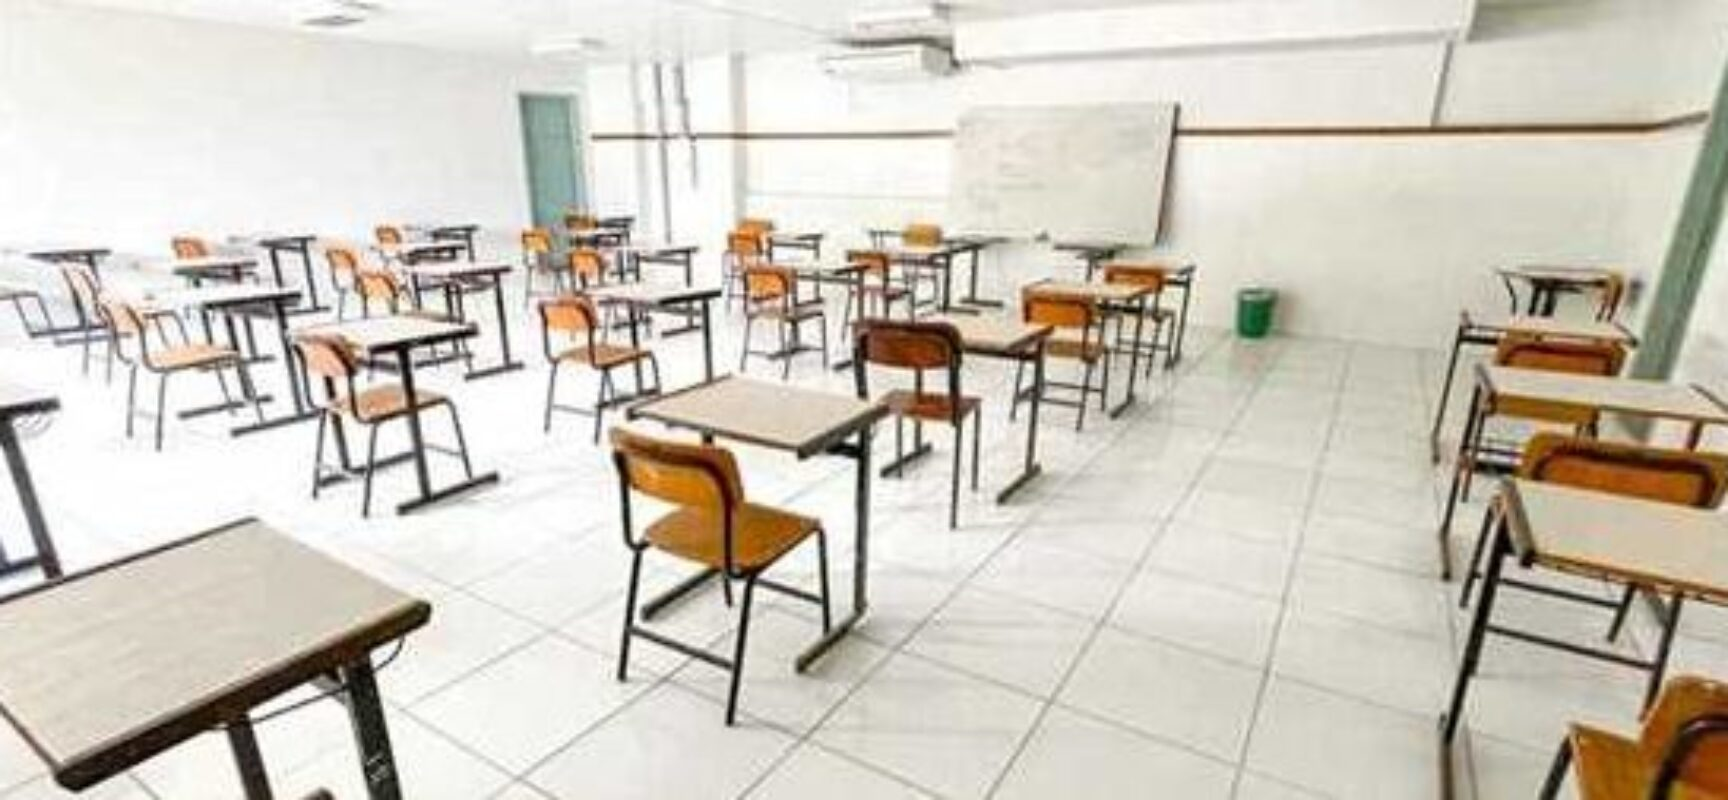 Seduc divulga datas para retirada de atividades escolares; confira a agenda semanal